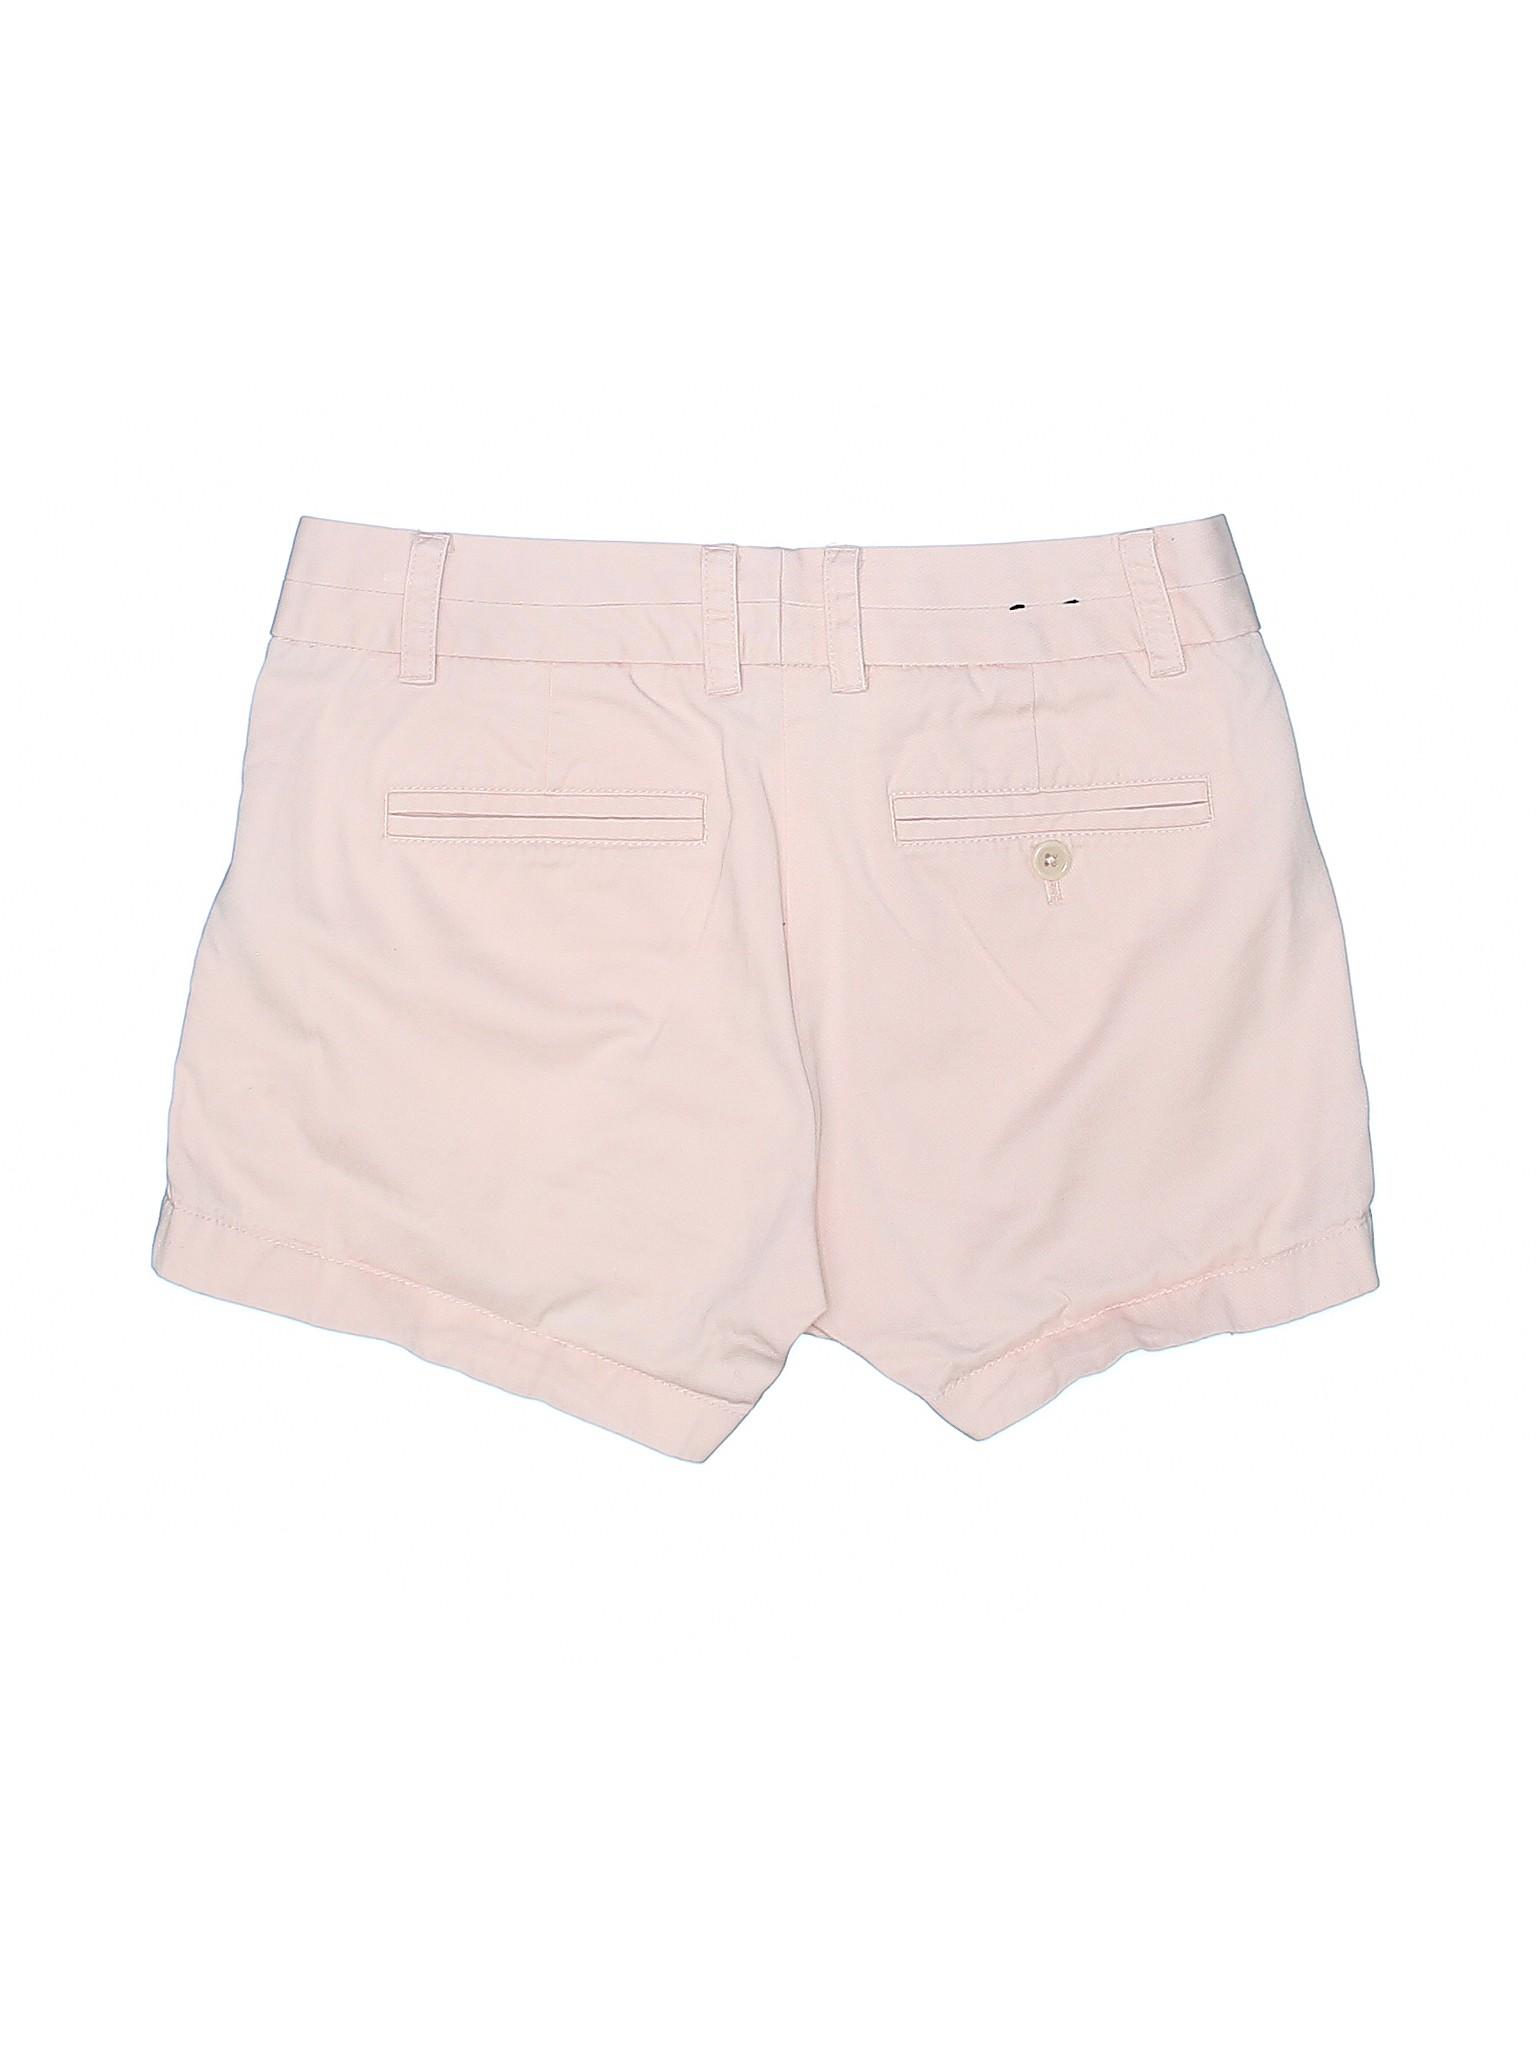 J Khaki Shorts Shorts Crew Boutique Crew J Boutique Khaki Boutique TnA1WAgwq